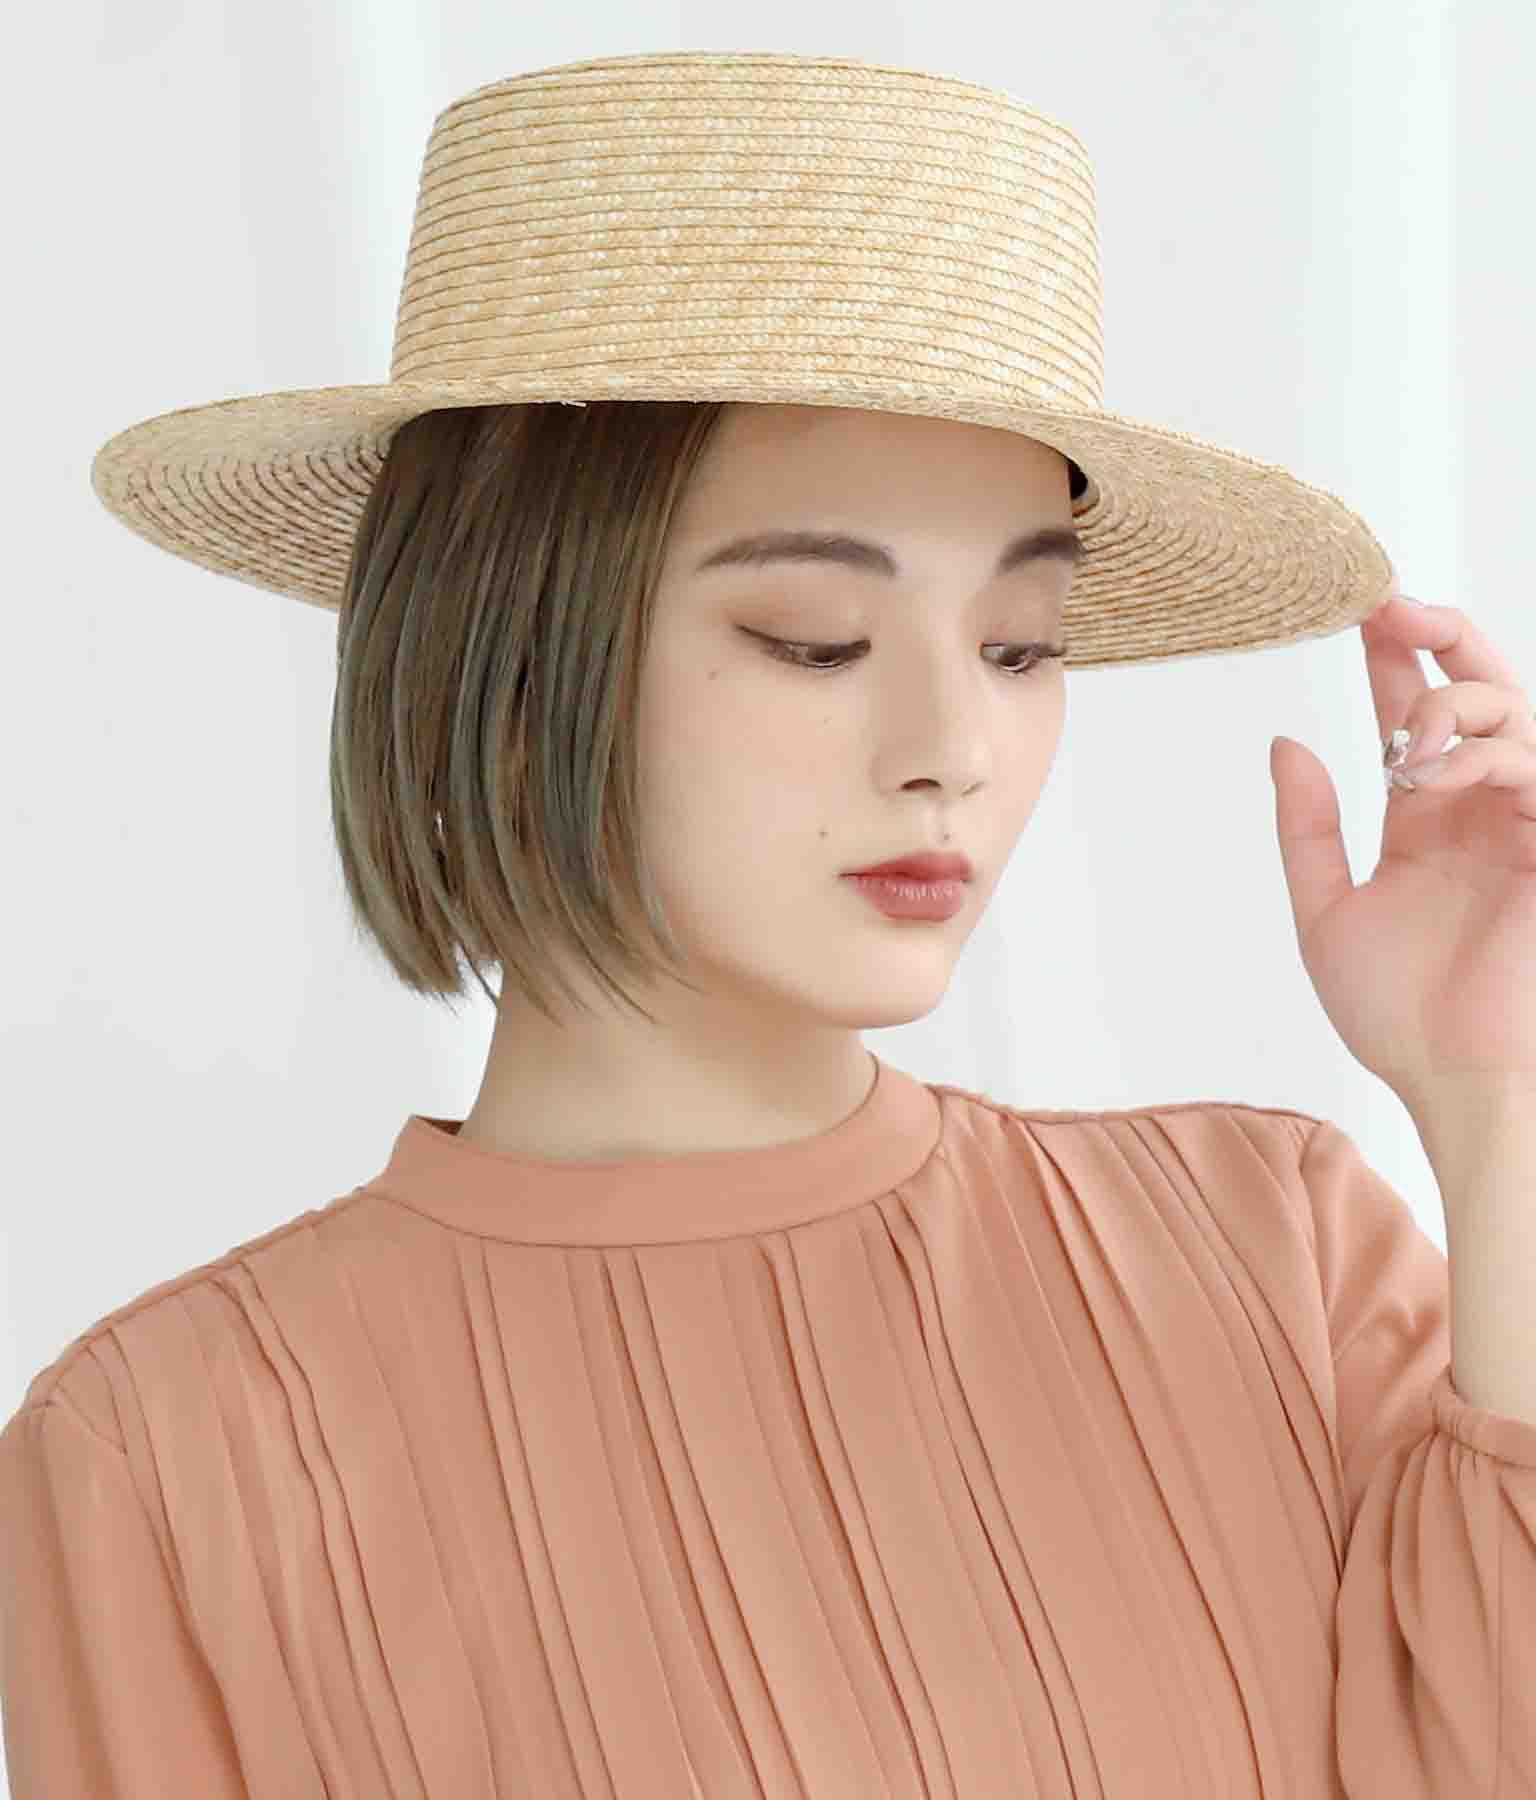 ロングブリムブレードカンカン帽(ファッション雑貨/ハット・キャップ・ニット帽 ・キャスケット・ベレー帽) | Settimissimo